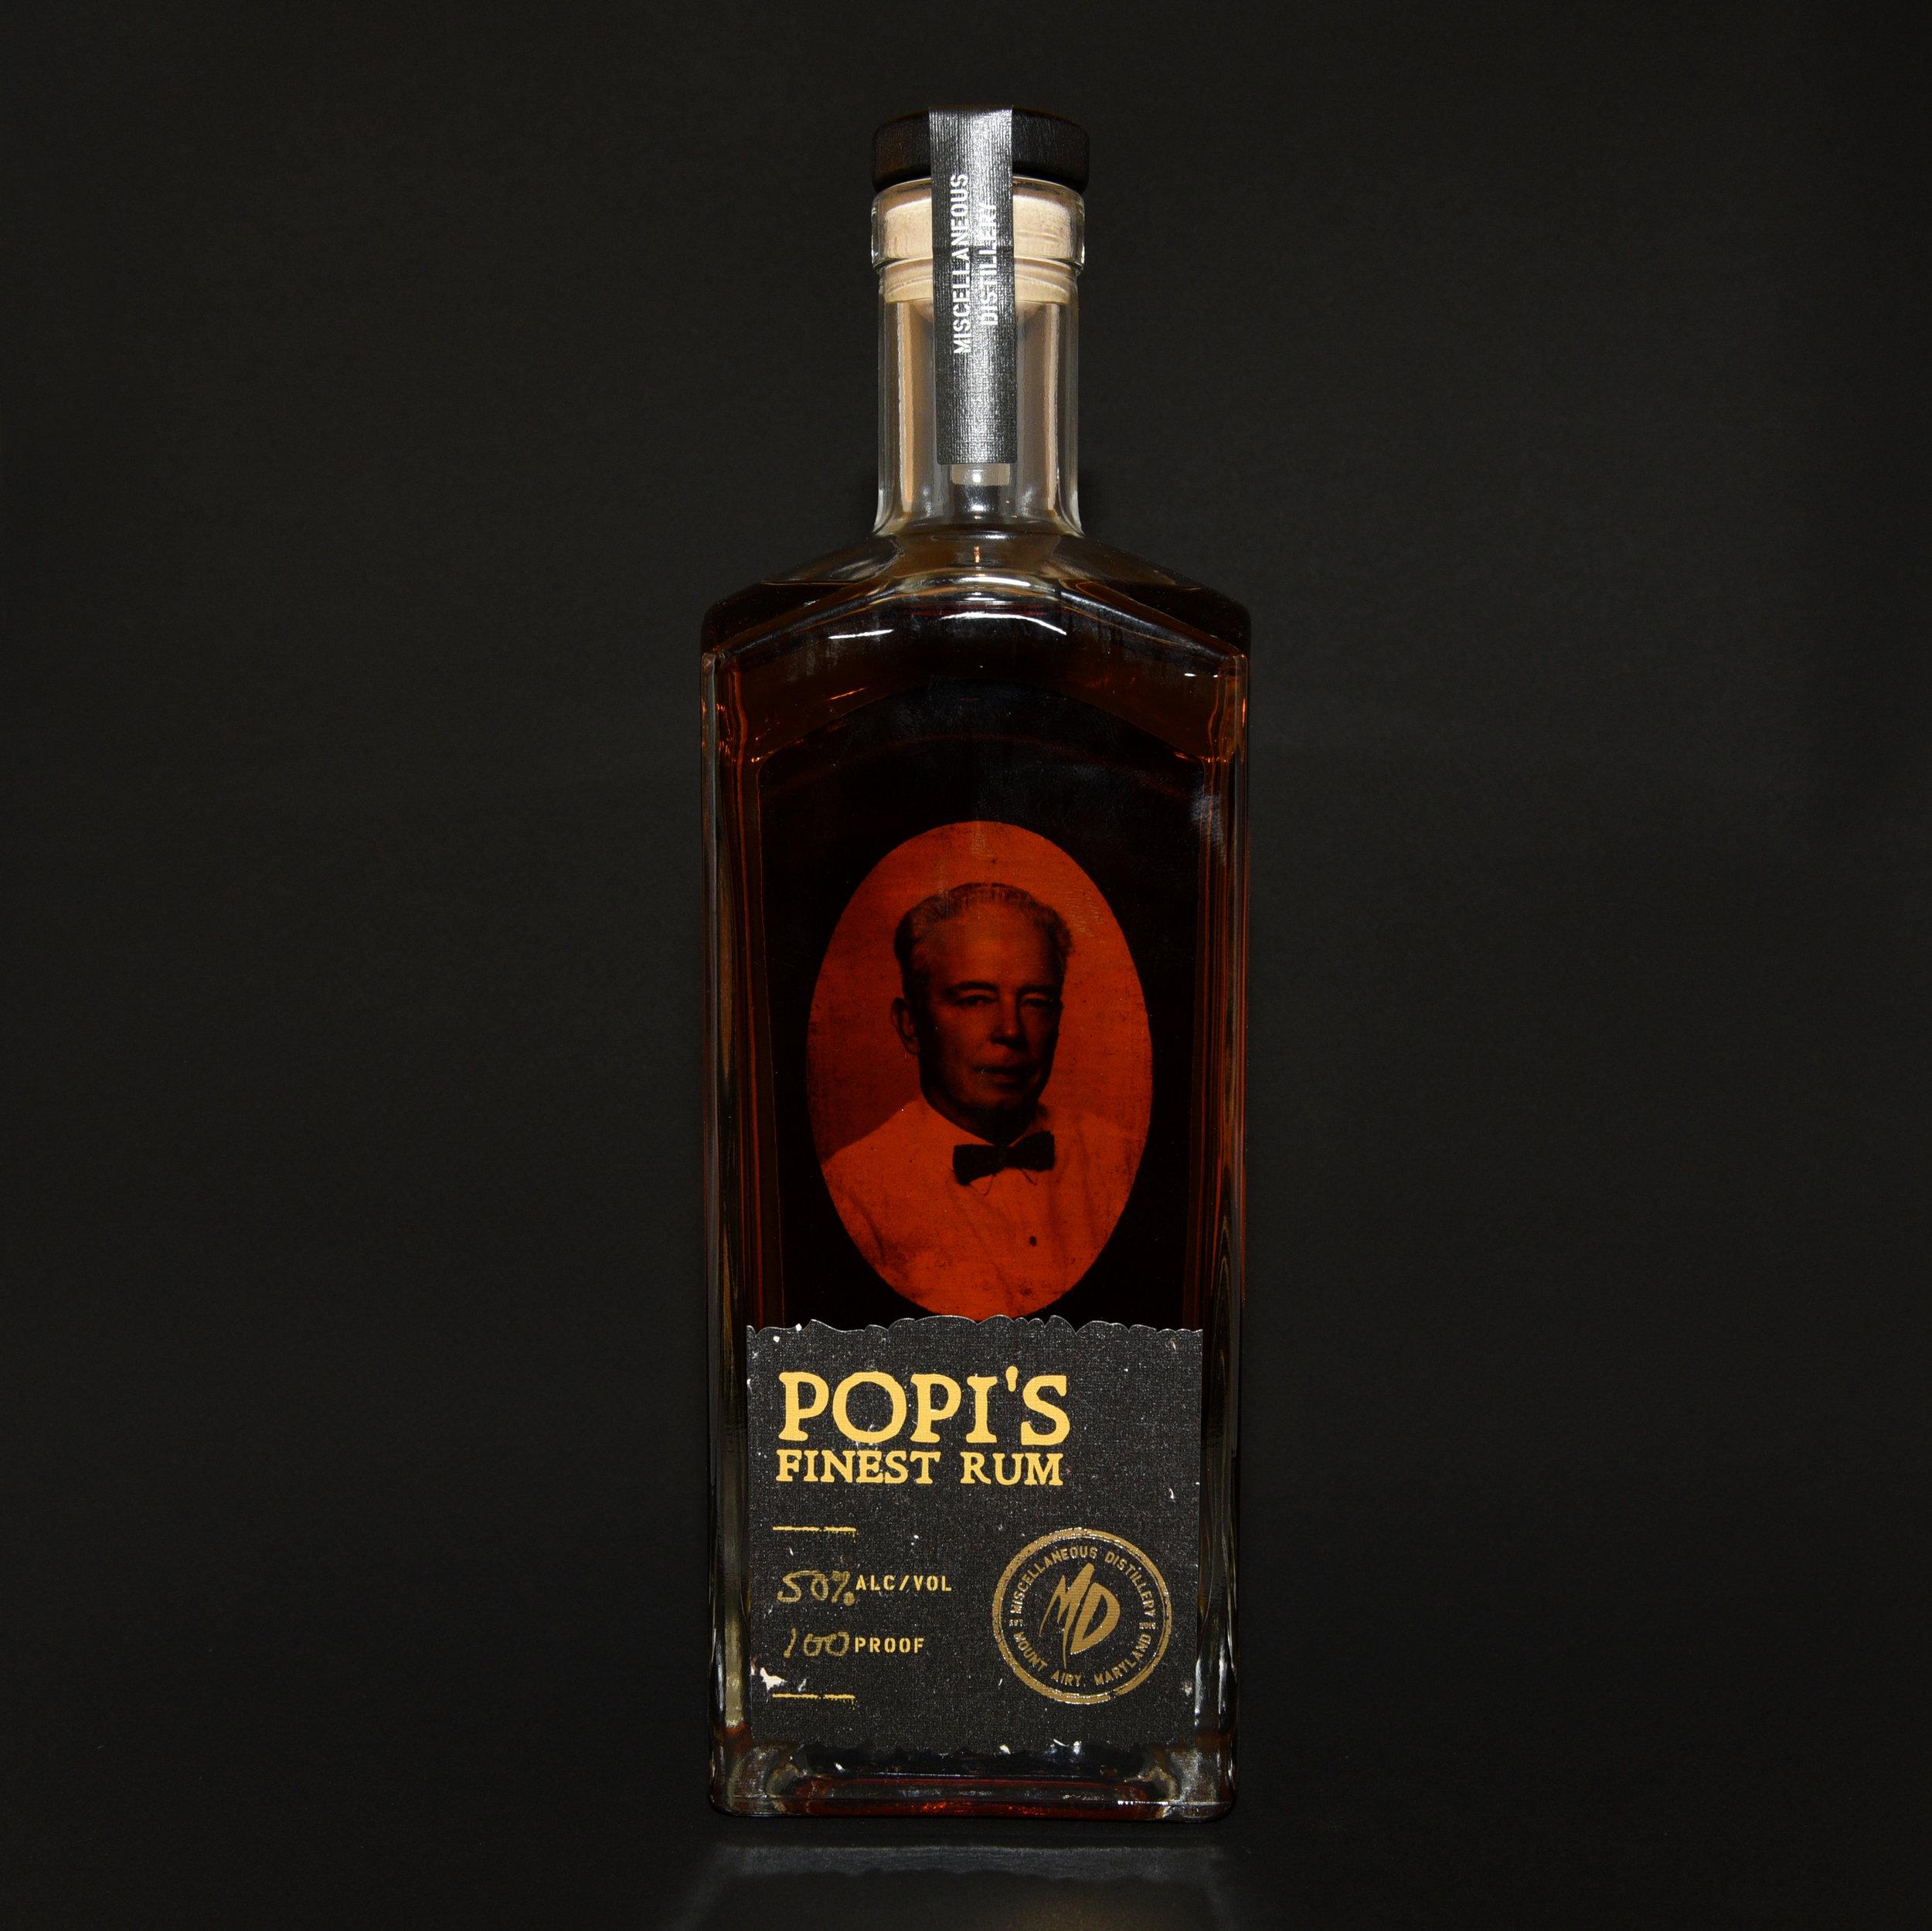 MISC_Popis Rum_black_bgkd.jpg